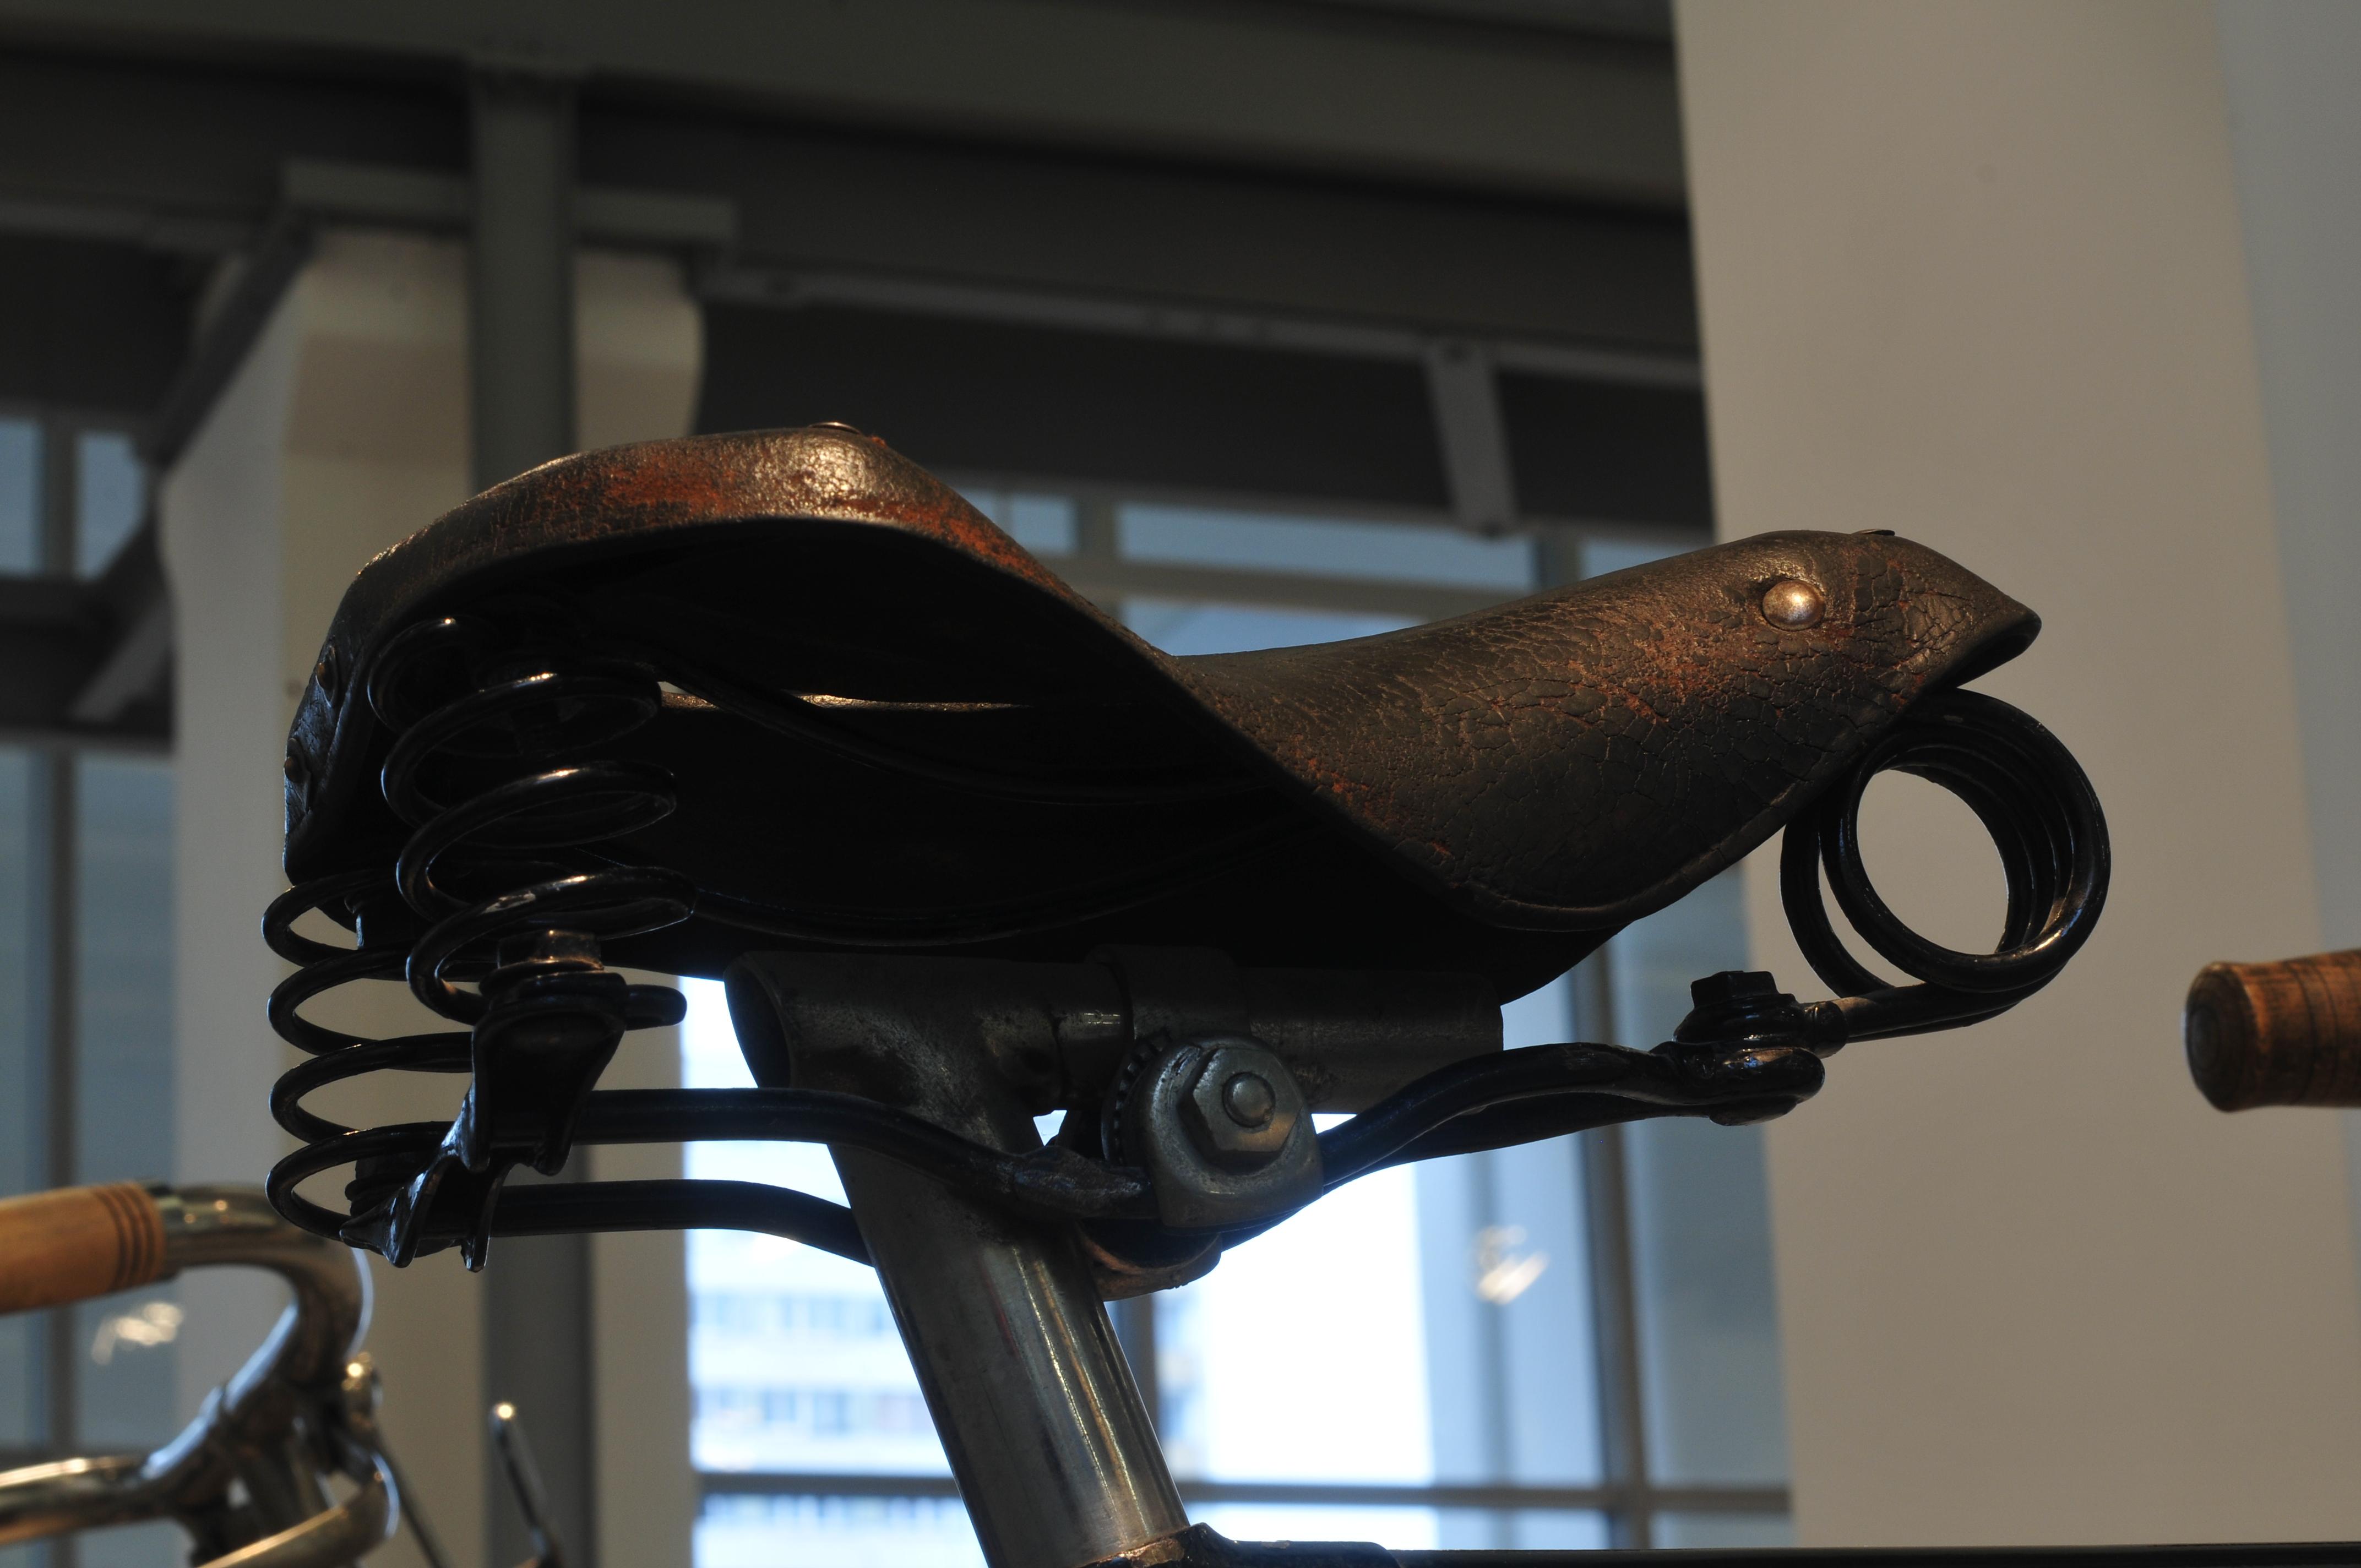 13-04-05-Skoda Museum Mladá Boleslav by RalfR-044.jpg